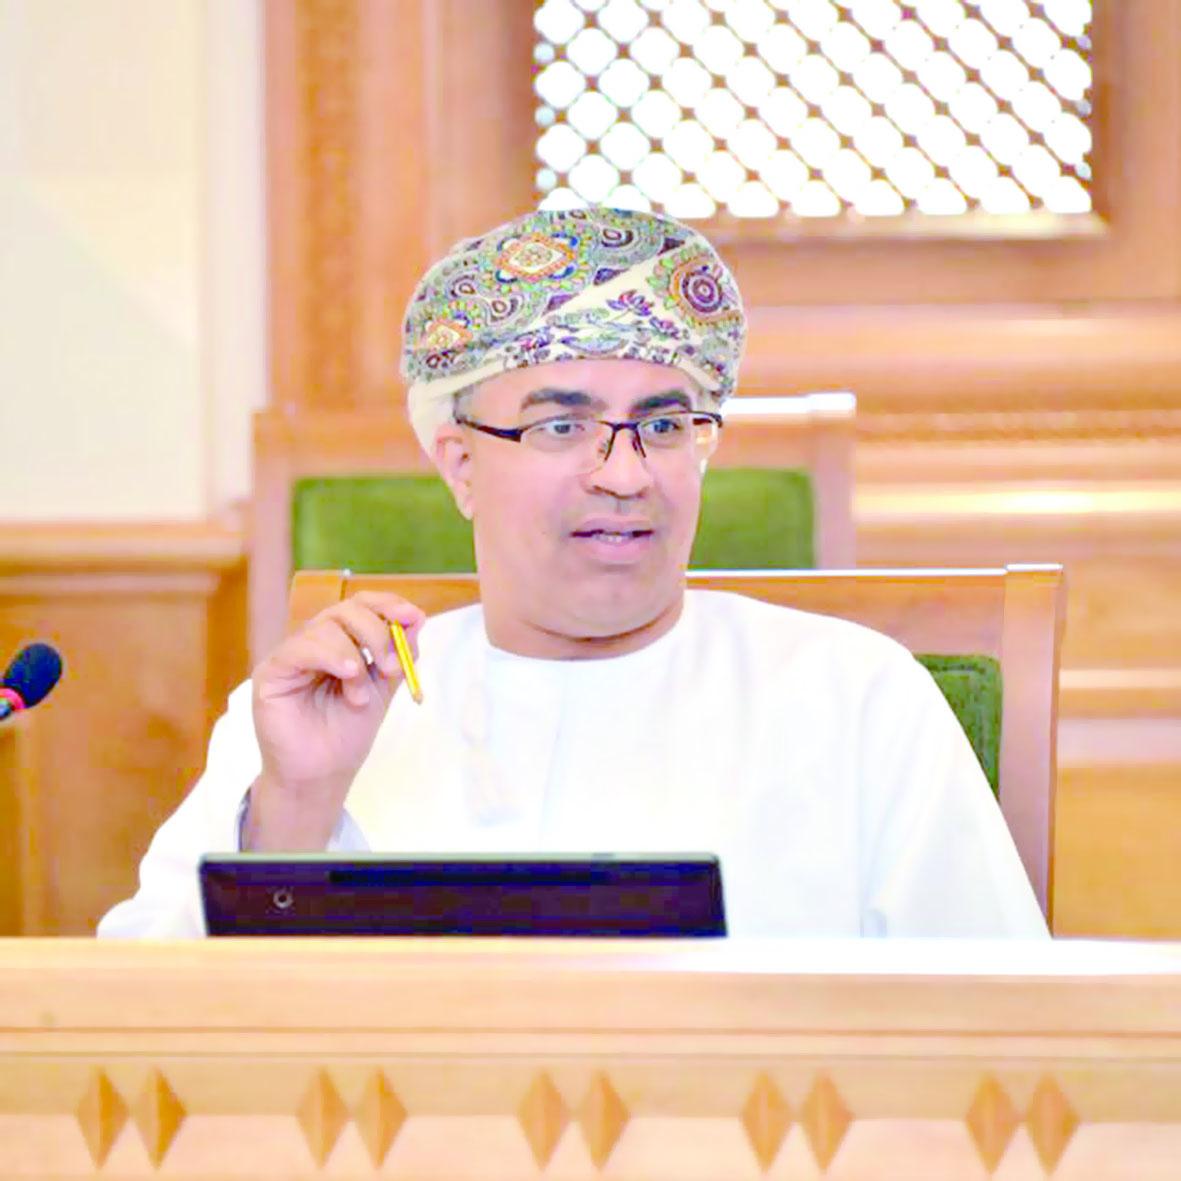 """لجنة """"كرة الطاولة"""" تكشف عن تفاصيل استضافة السلطنة لبطولة عمان الدولية المفتوحة (التحدي بلس).. اليوم"""